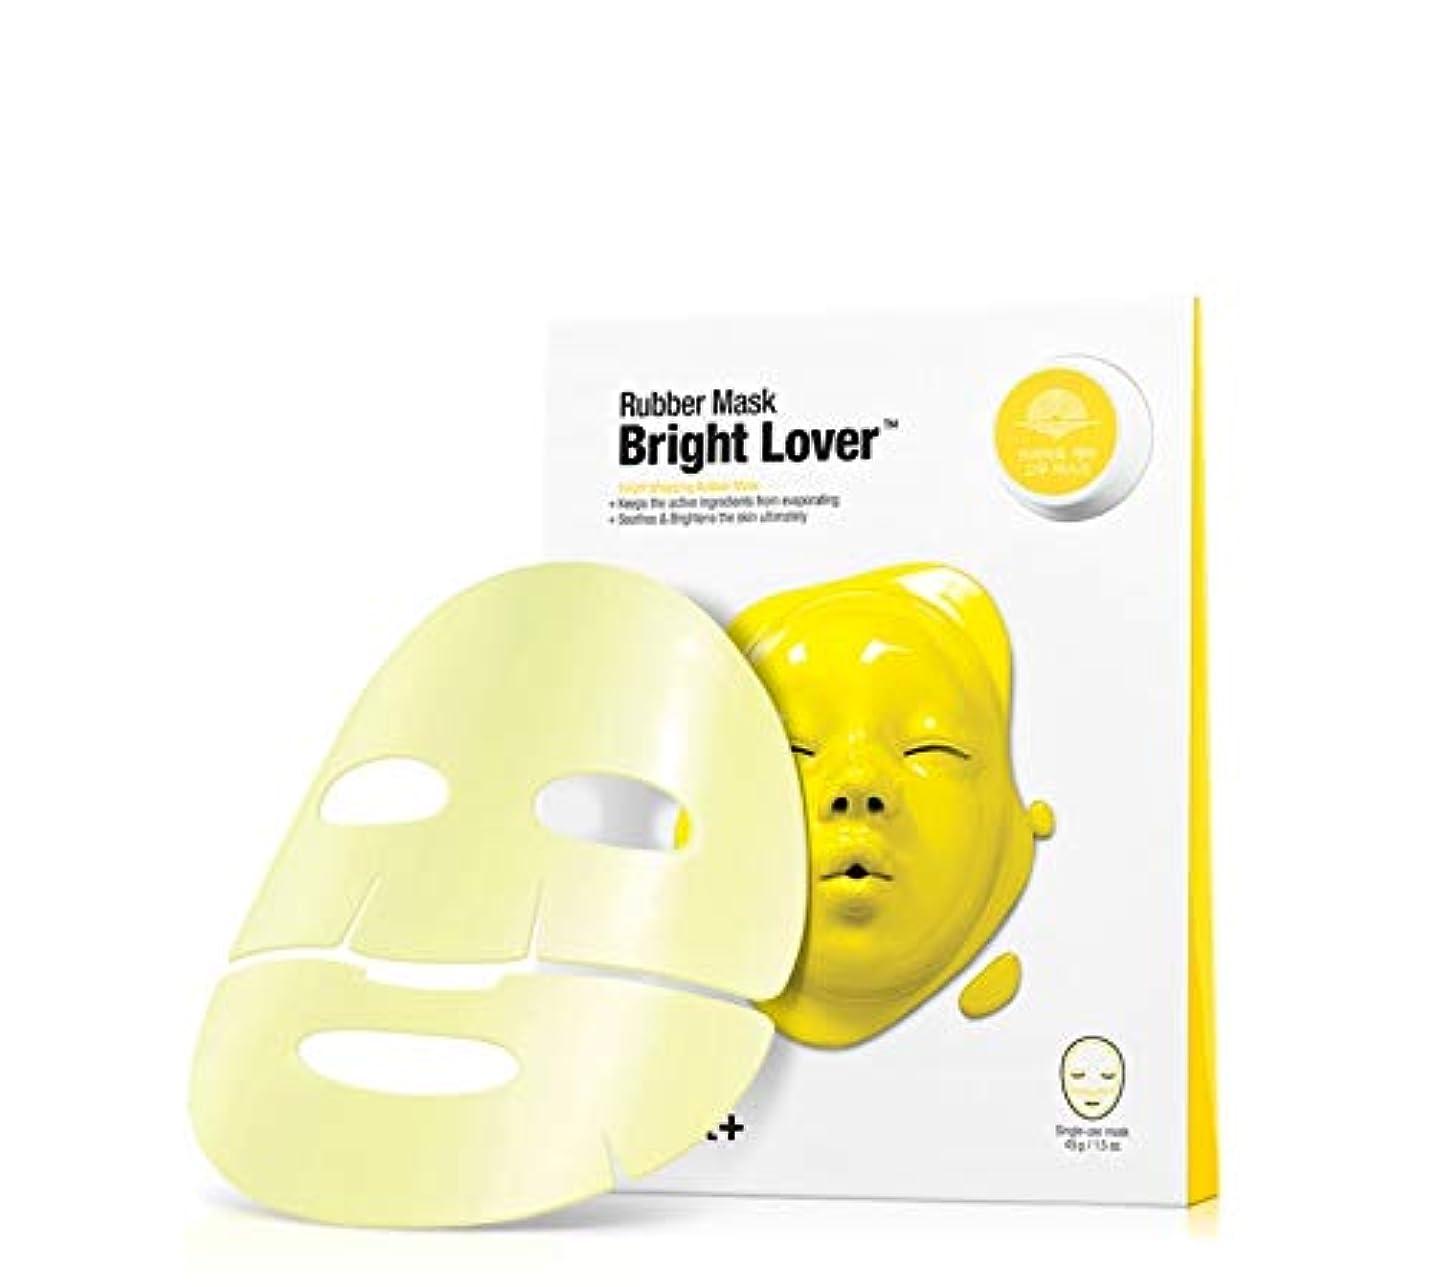 切る法律によりボーカルDr. Jart Dermask Rubber Mask 1.5oz 1pcs (Bright Lover)